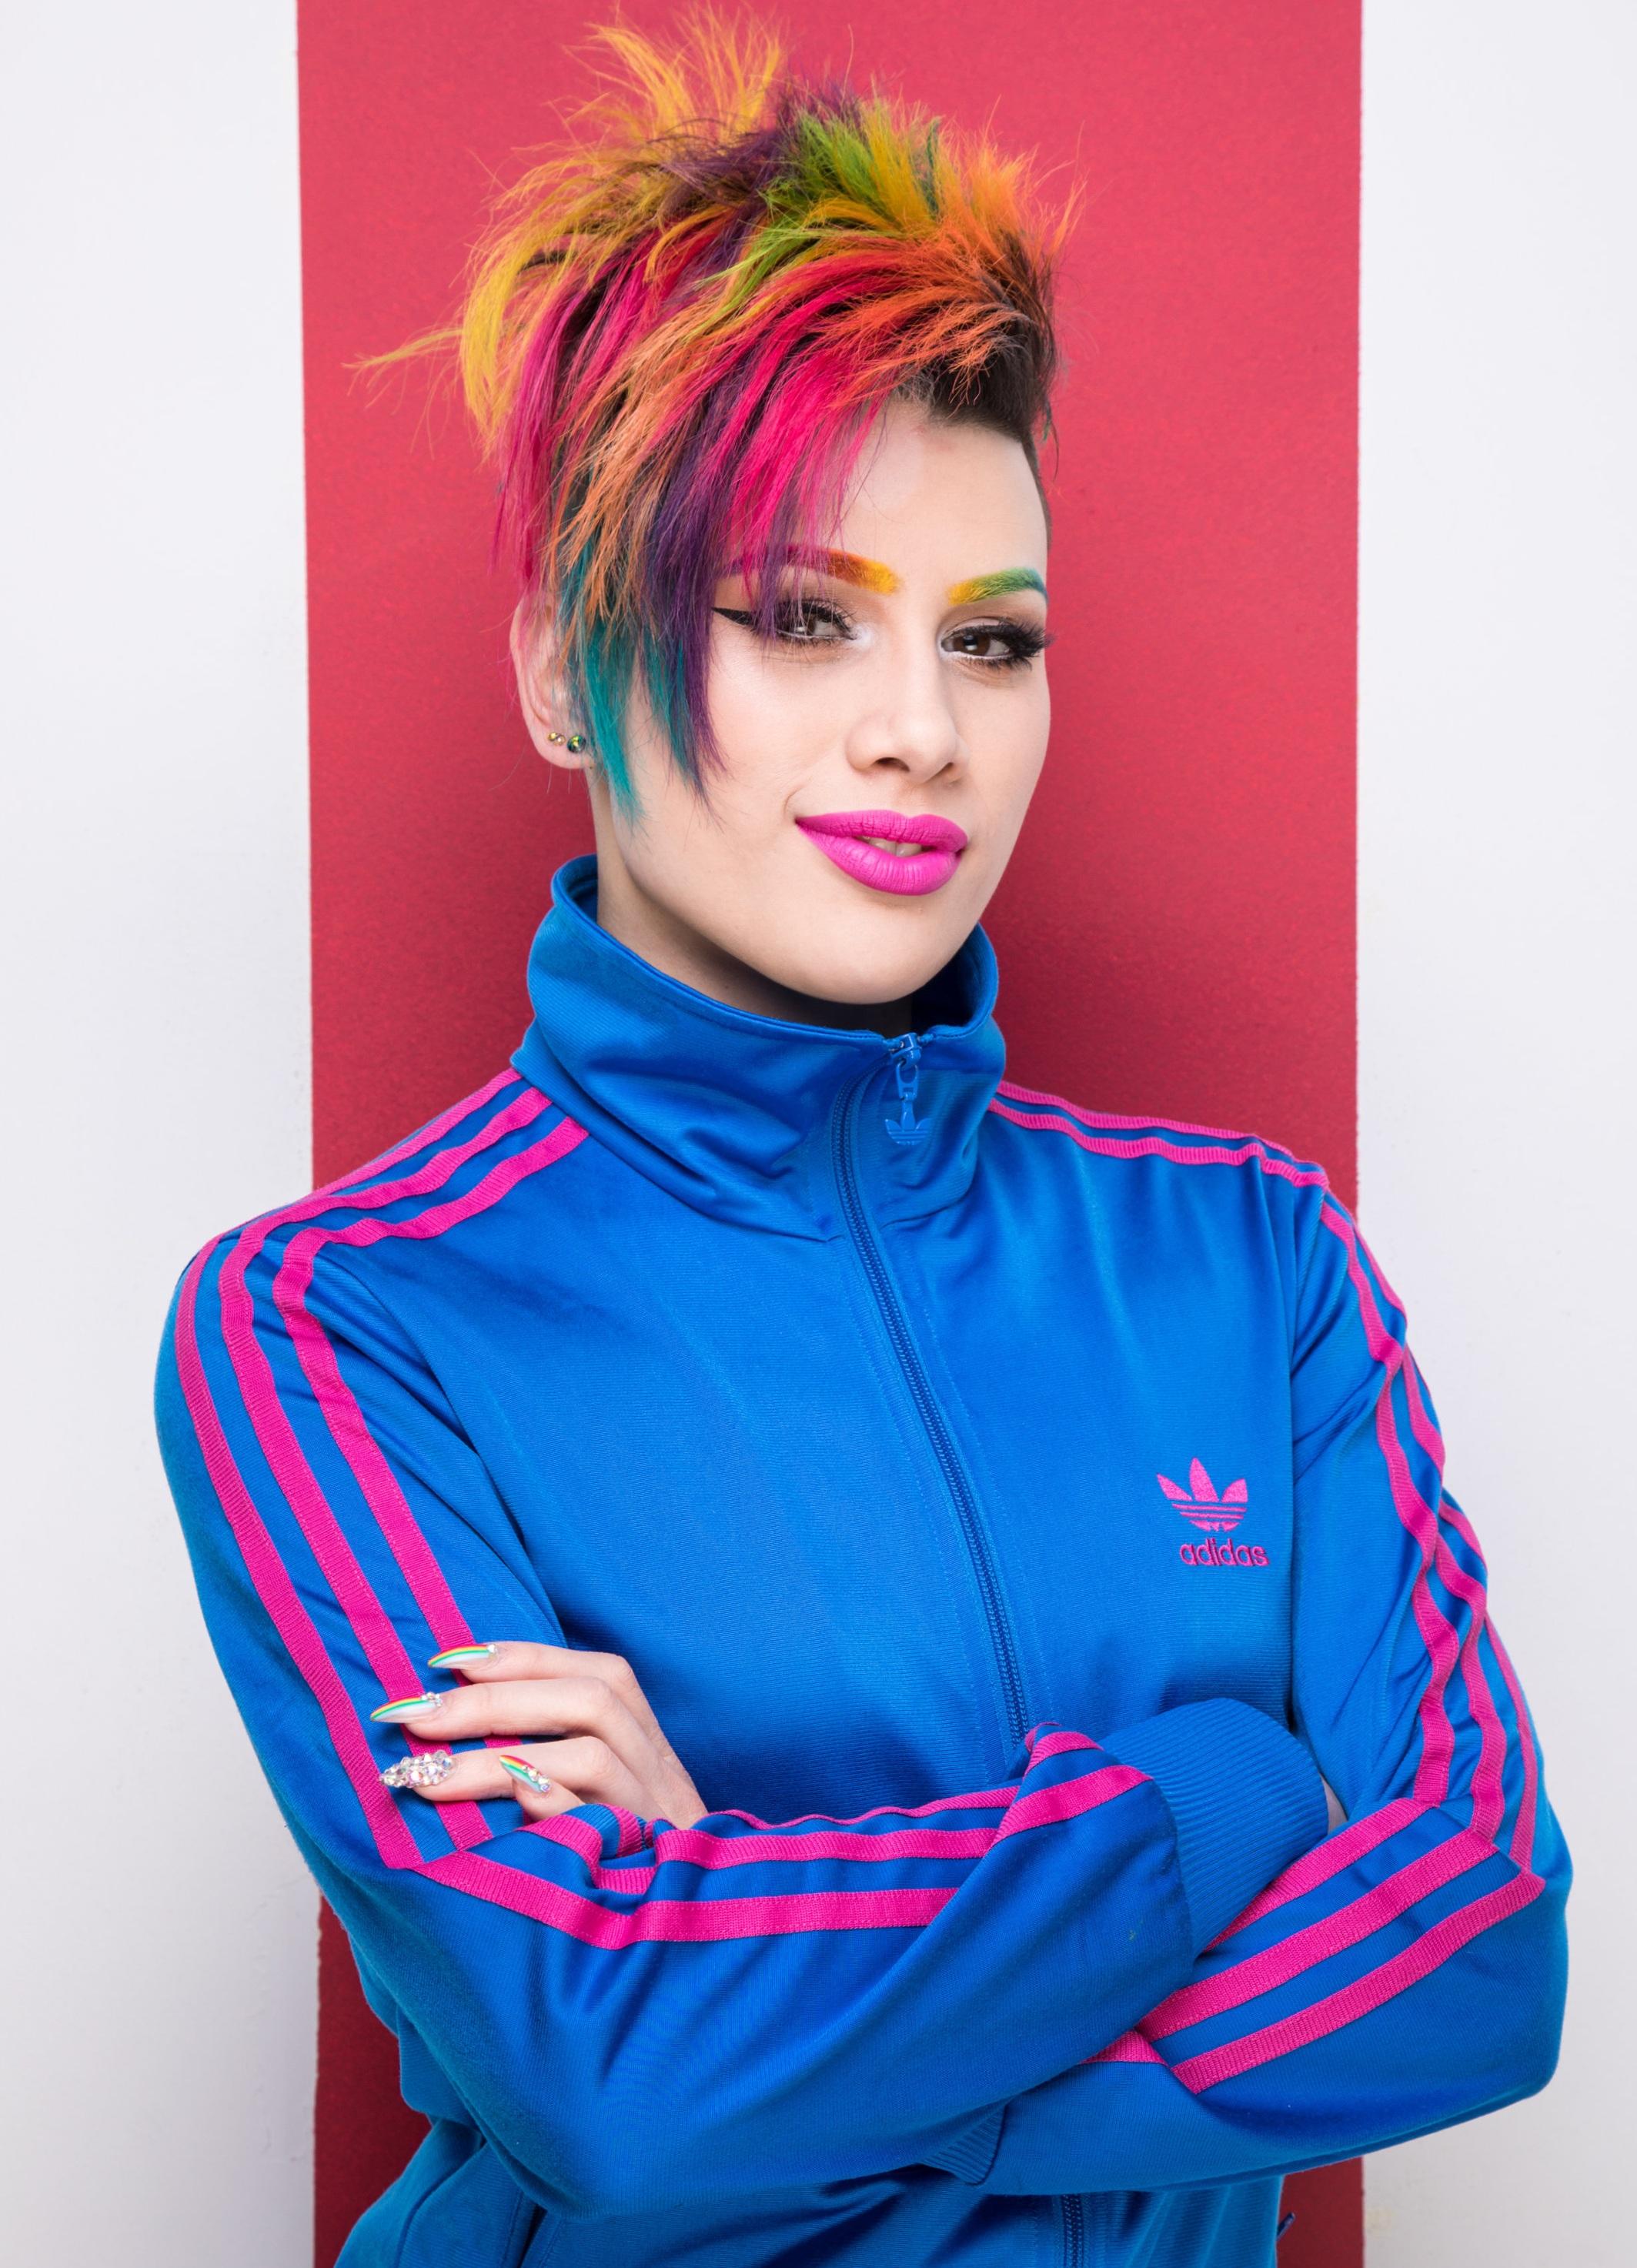 Minx Missminxette reggaeton dance teacher learn to dance melbourne australia